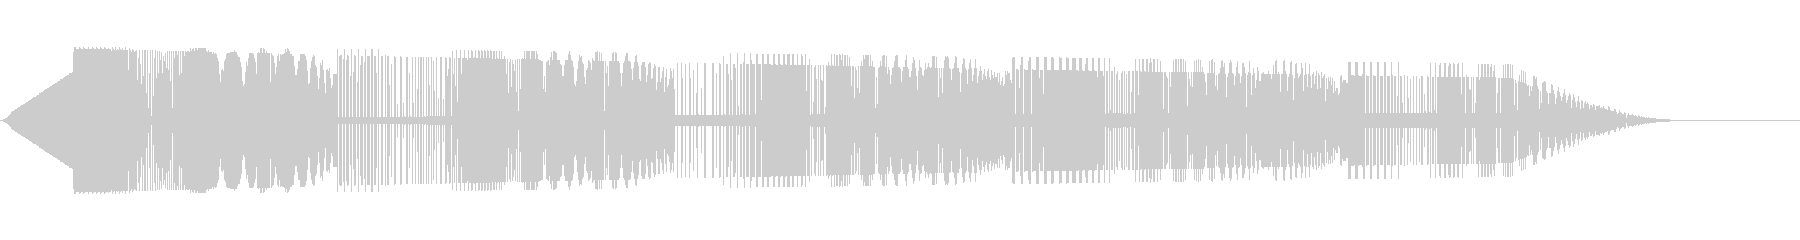 ピヨピヨ(レーザー光線/SF/ファミコンの未再生の波形